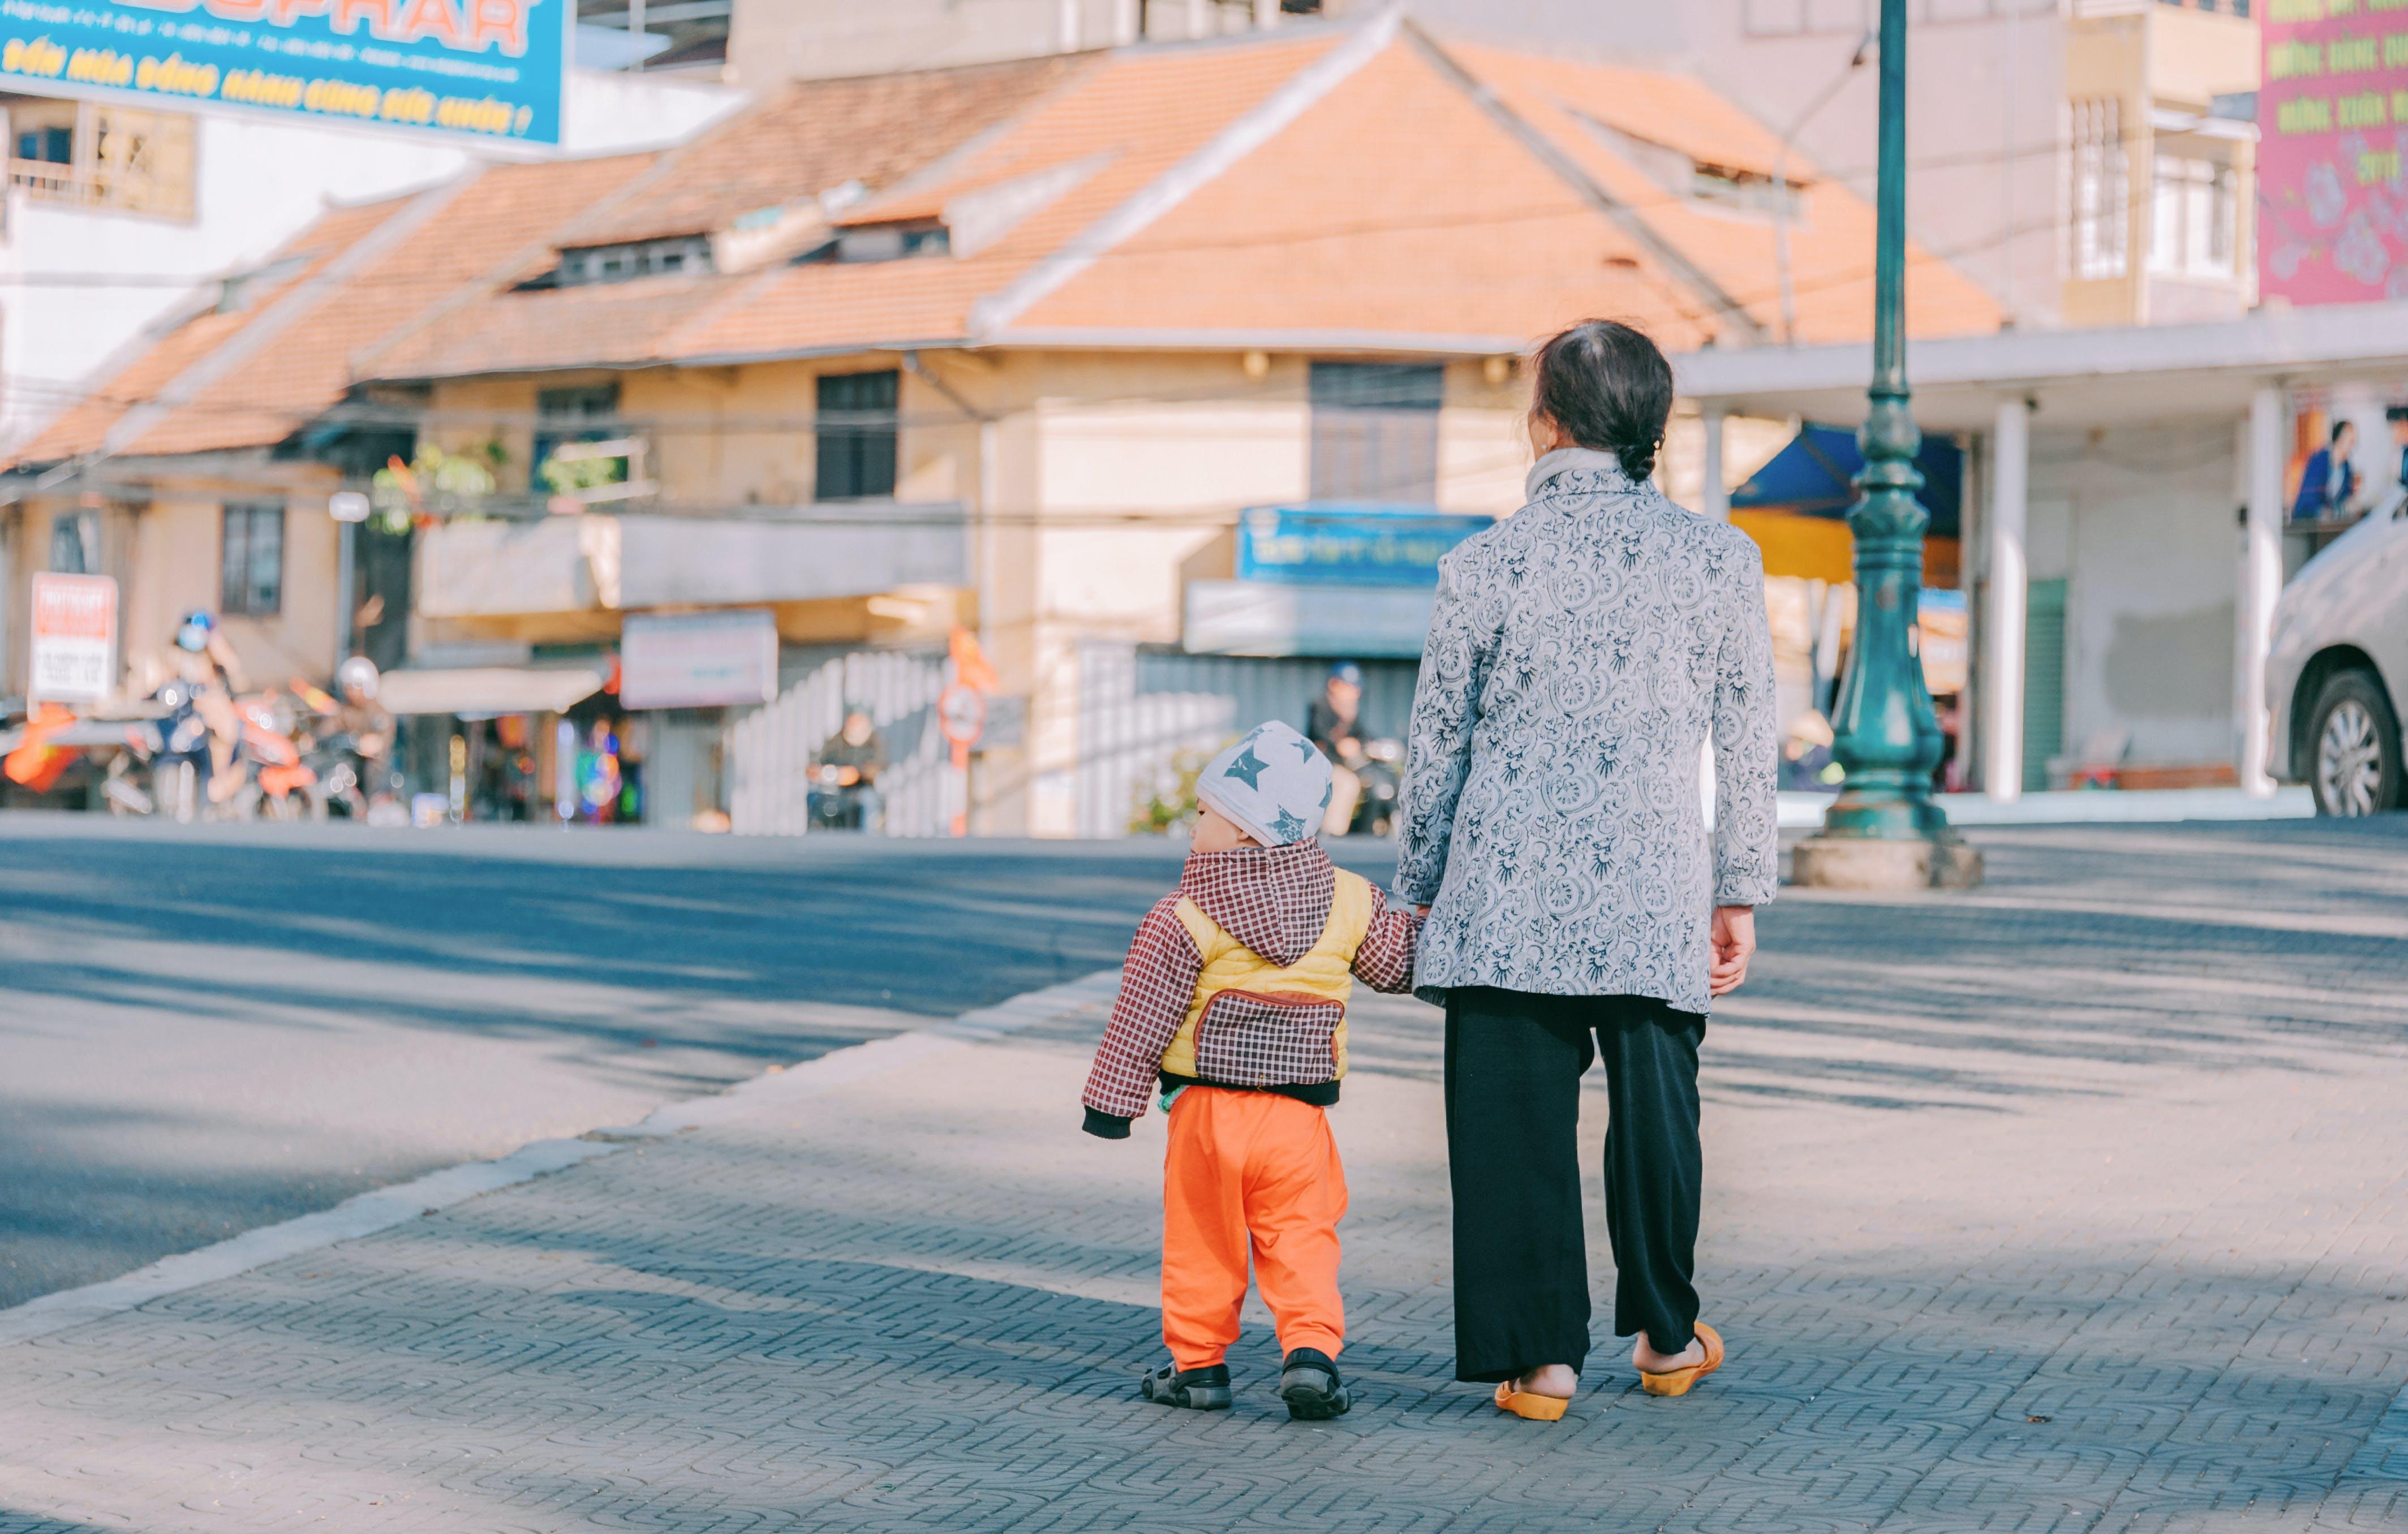 Woman and Boy Walking at Road